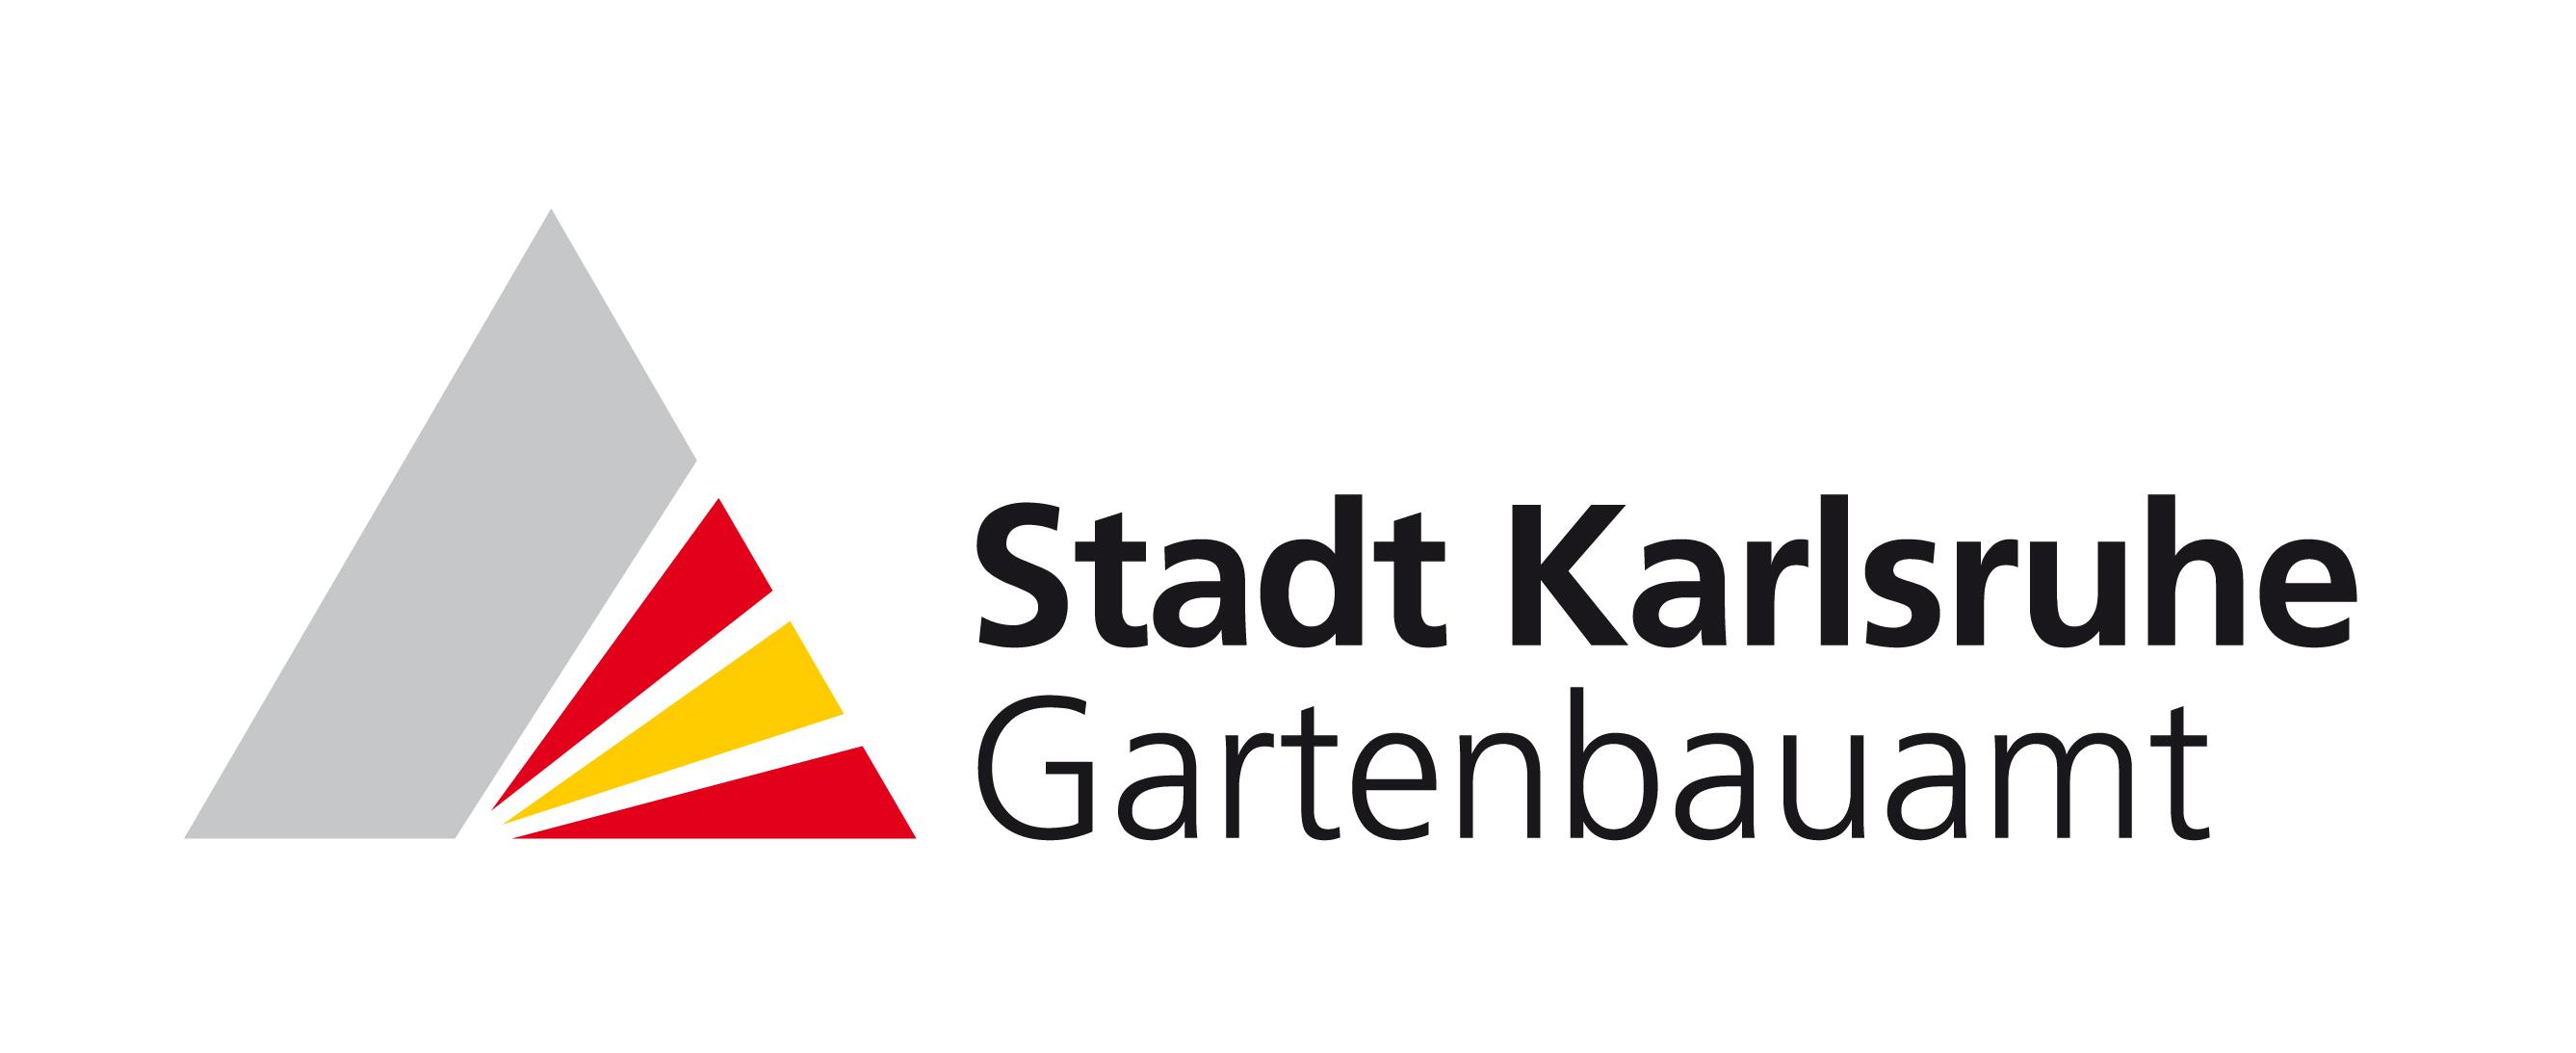 Gartenbauamt Karlsruhe